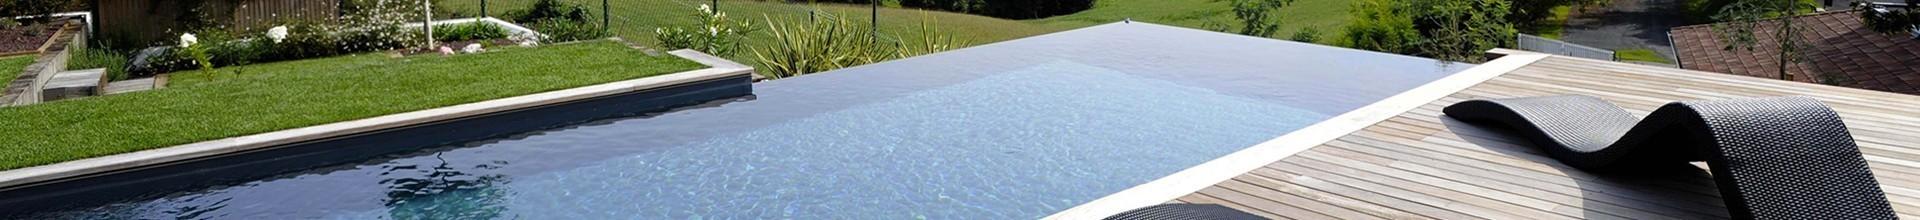 Bourgogne Cote-d-Or Investir dans une piscine révolutionnaire